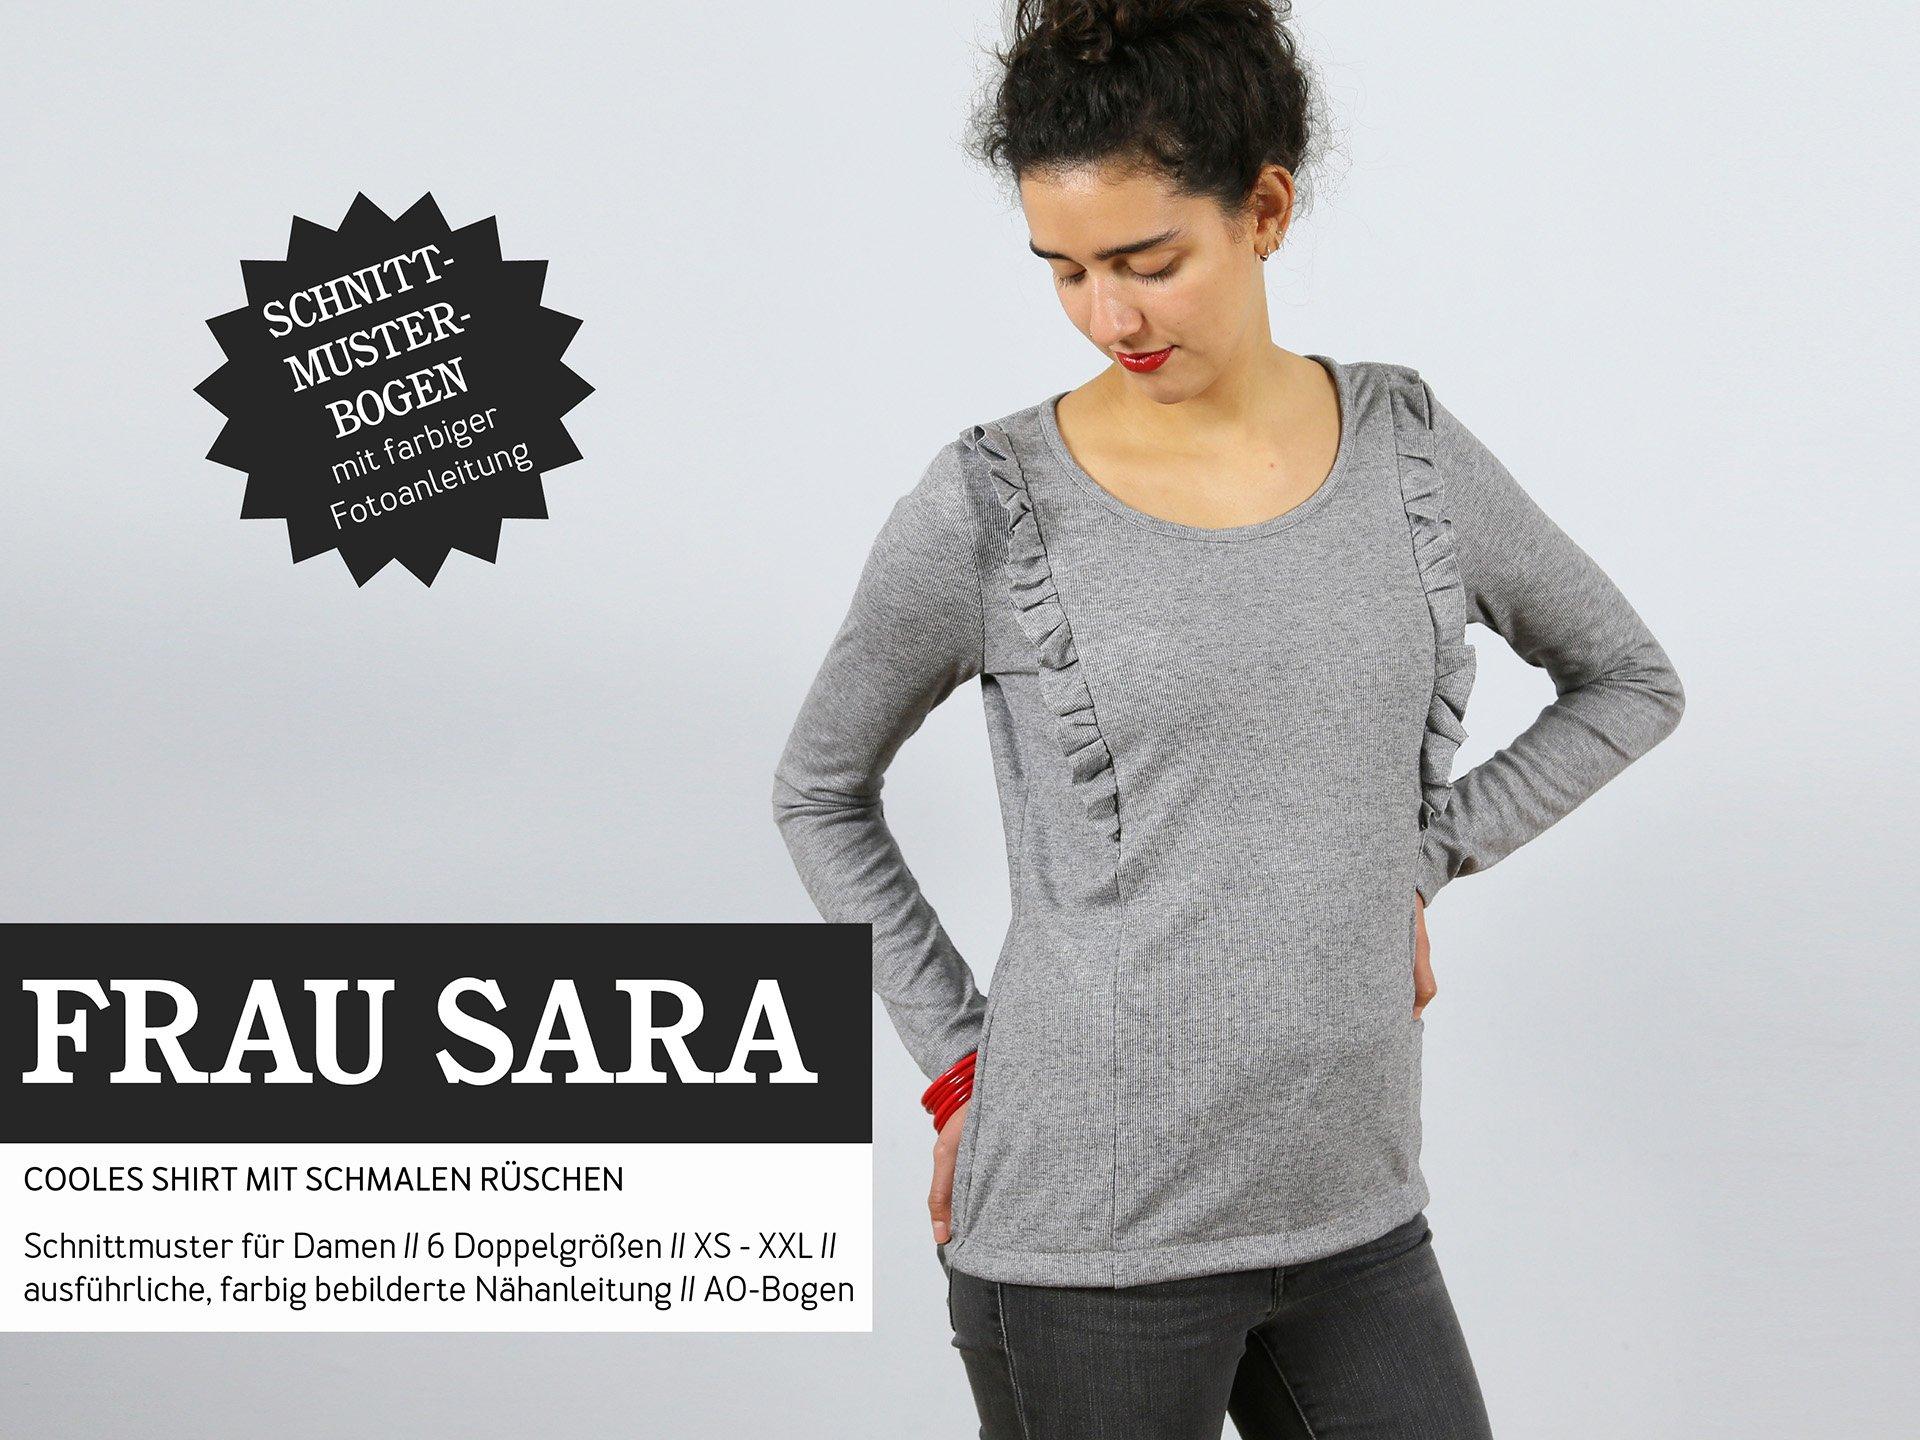 STUDIO SCHNITTREIF Frau Sara Shirt Papierschnittmuster